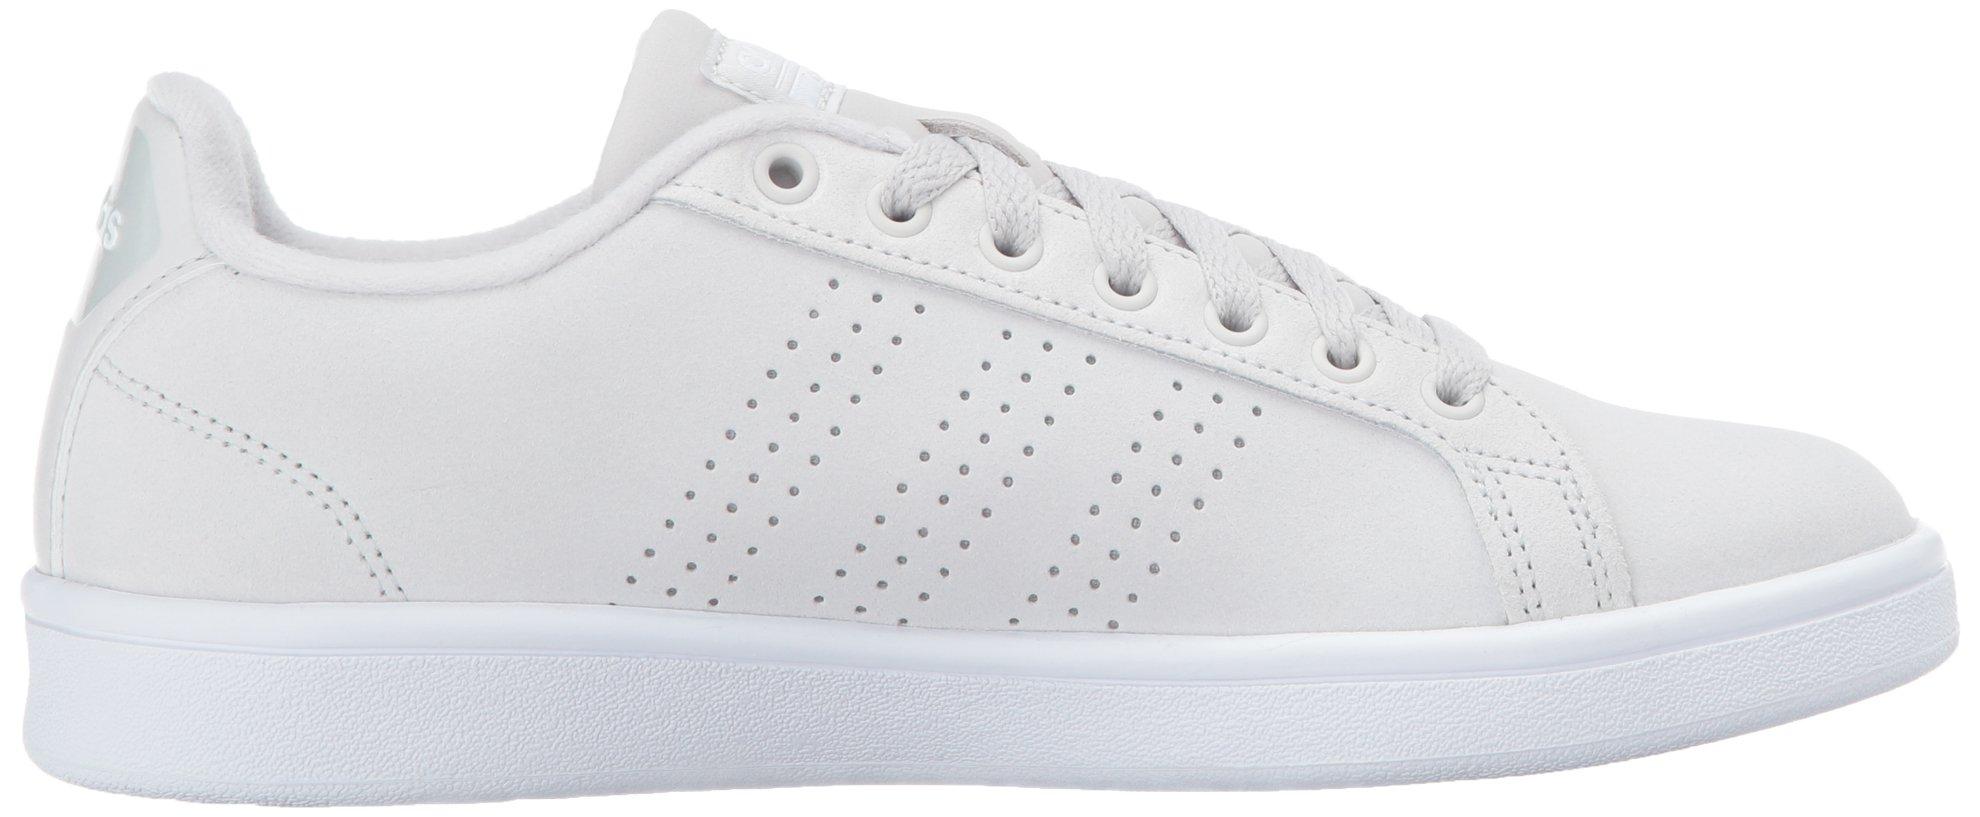 adidas donne di vantaggio cl w le scarpe da ginnastica, grigio / grigio / bianco